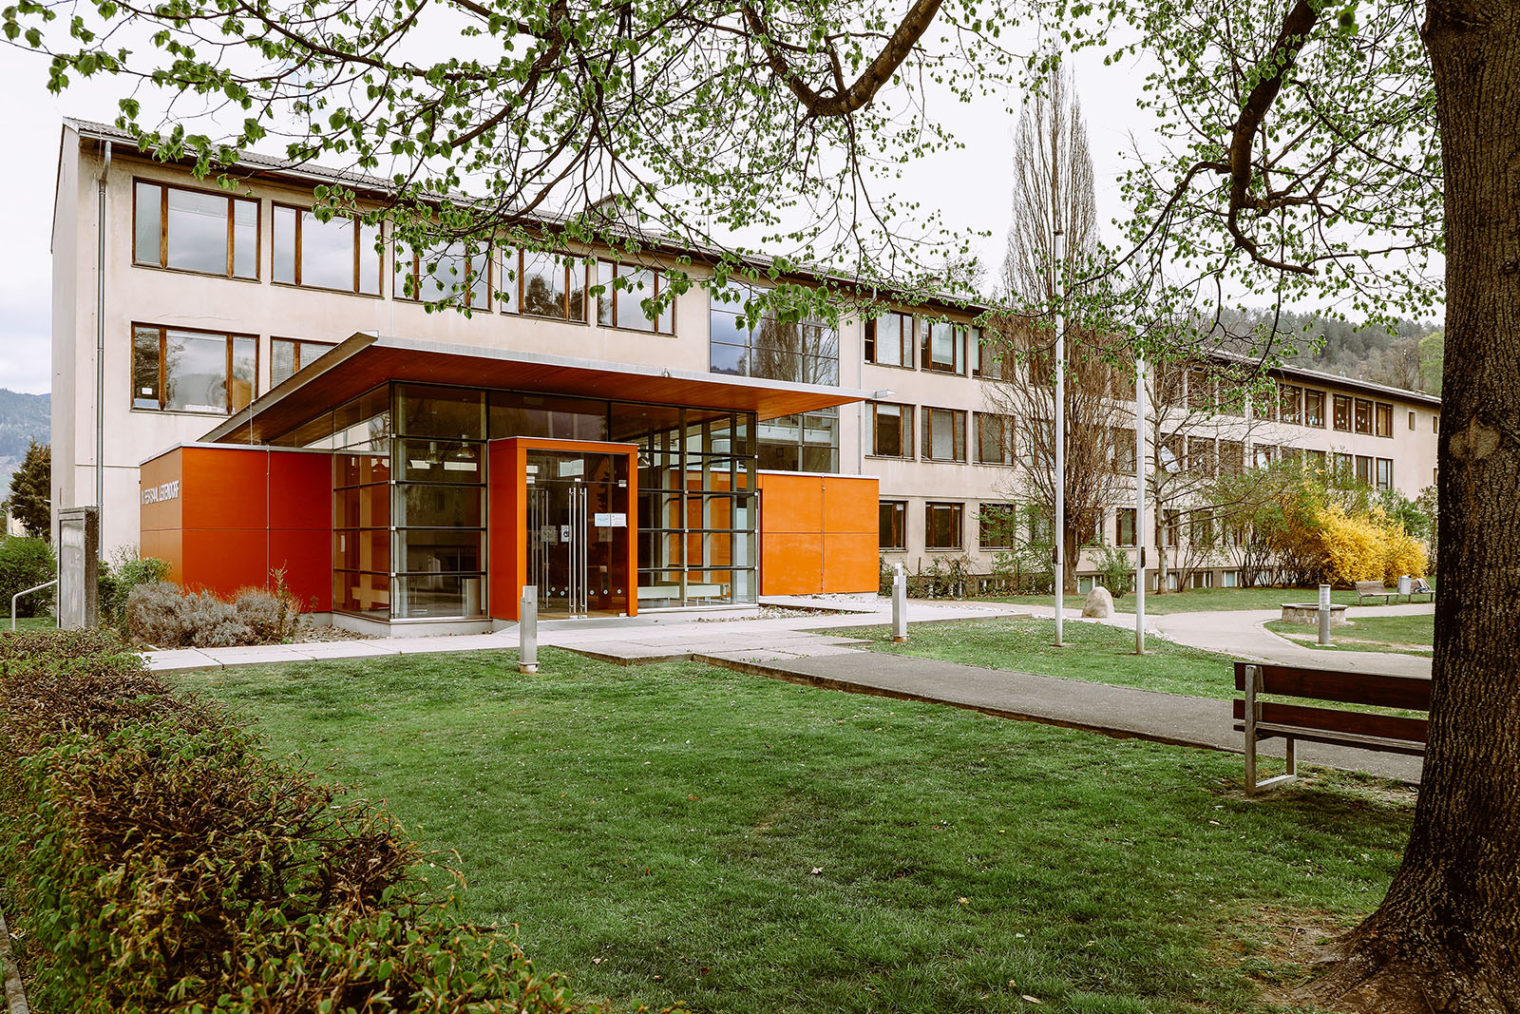 Außenaufnahme der Volksschule Leitendorf